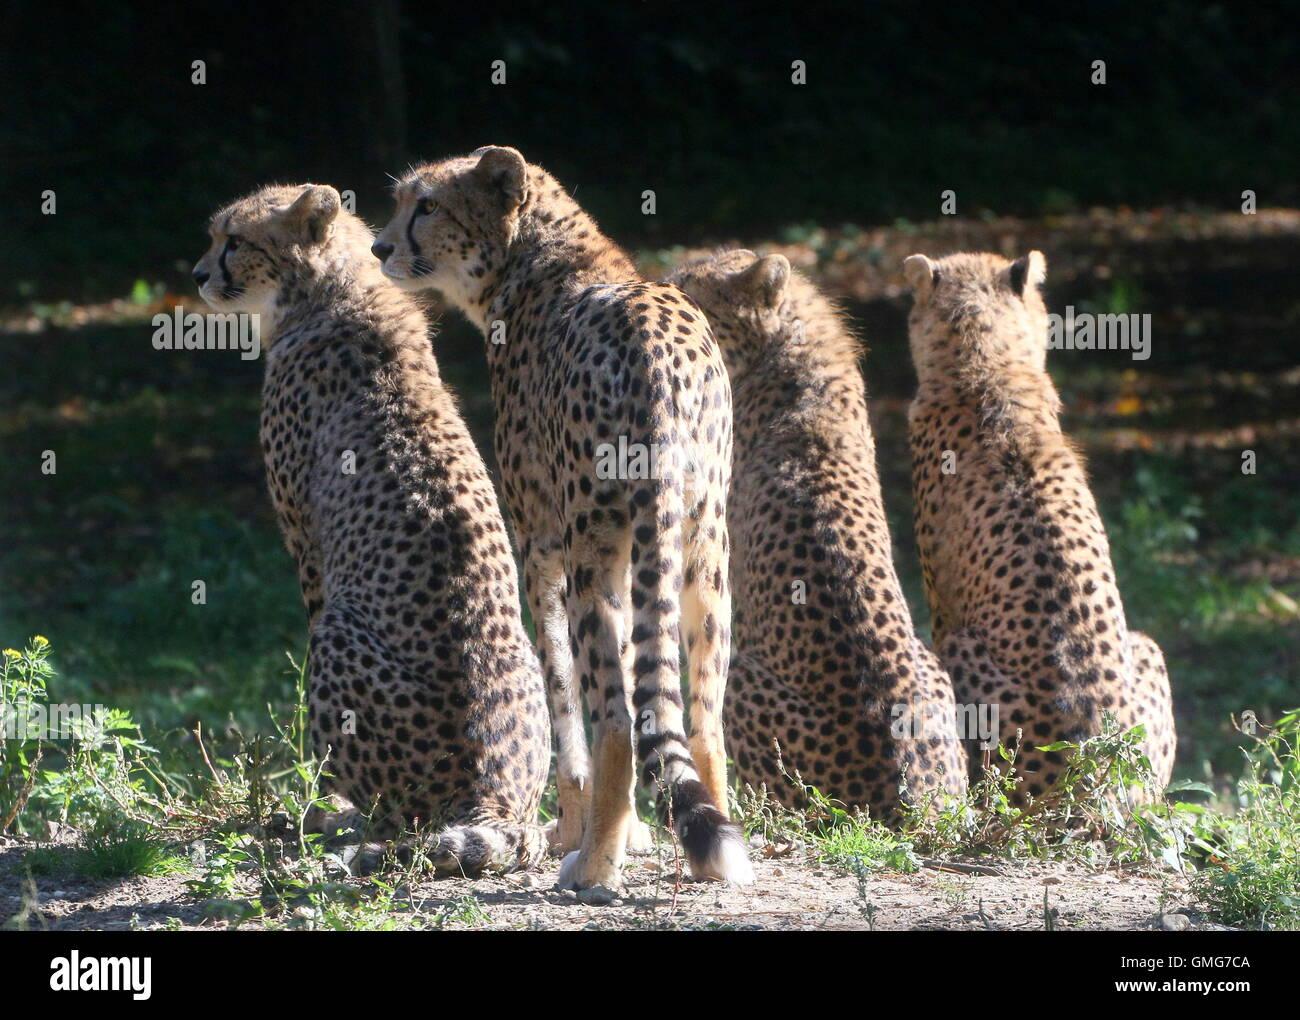 Mutter Cheetah (Acinonyx Jubatus) mit drei heranwachsenden Jungen, backlit.in der Abendsonne Stockbild